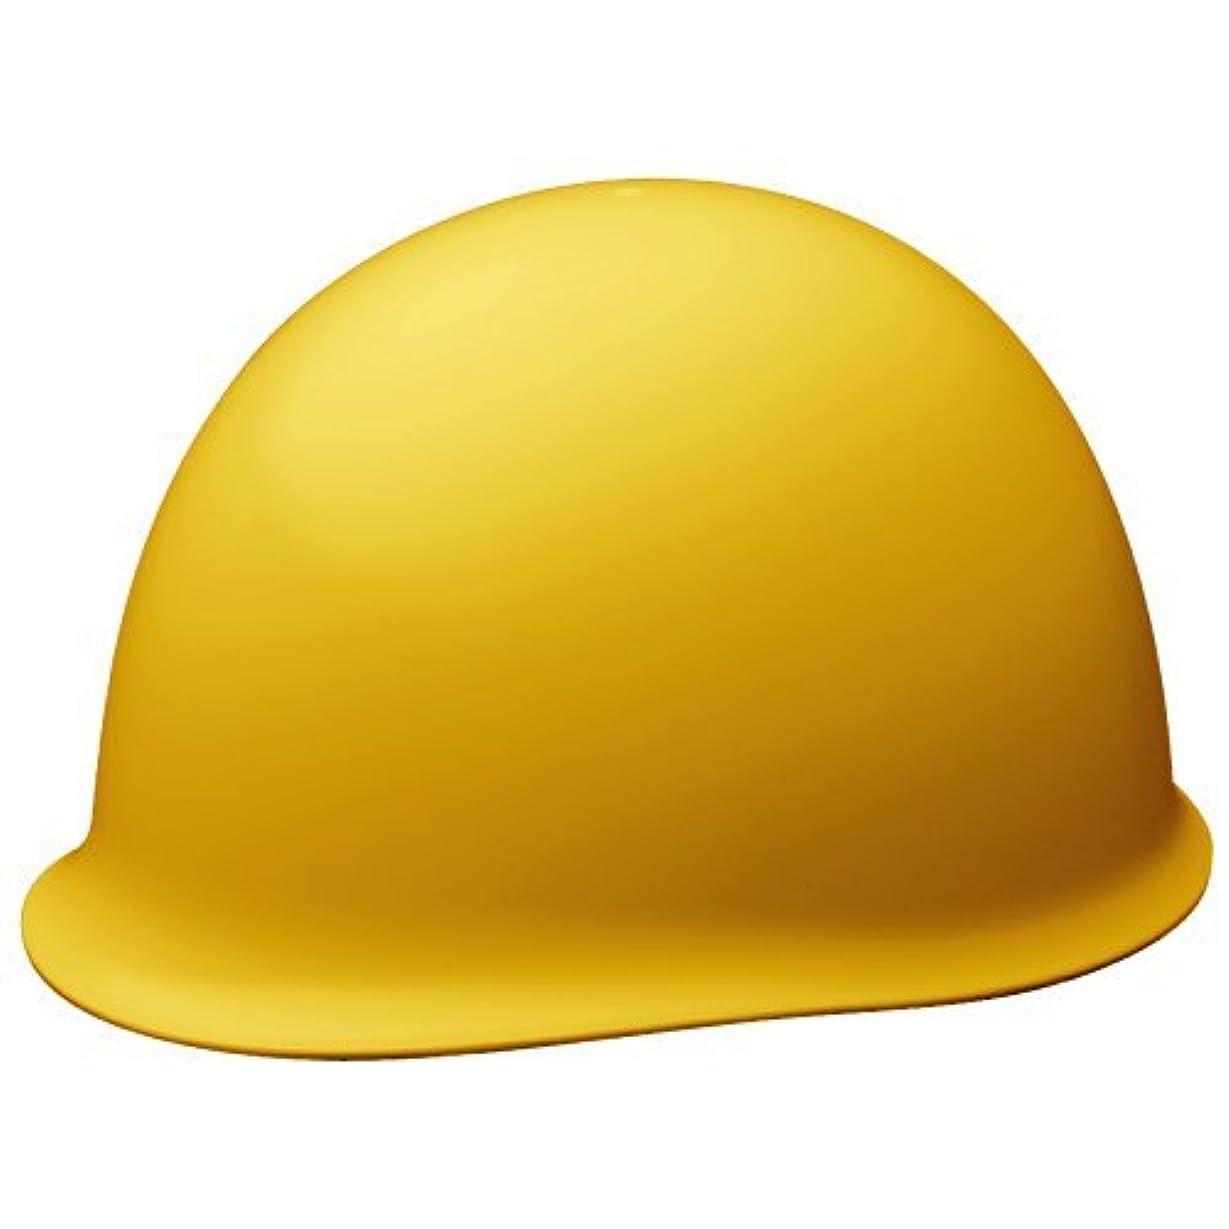 本を読む蓮思い出すミドリ安全 ヘルメット 一般作業用 電気作業用 SCMB RA KP付 イエロー